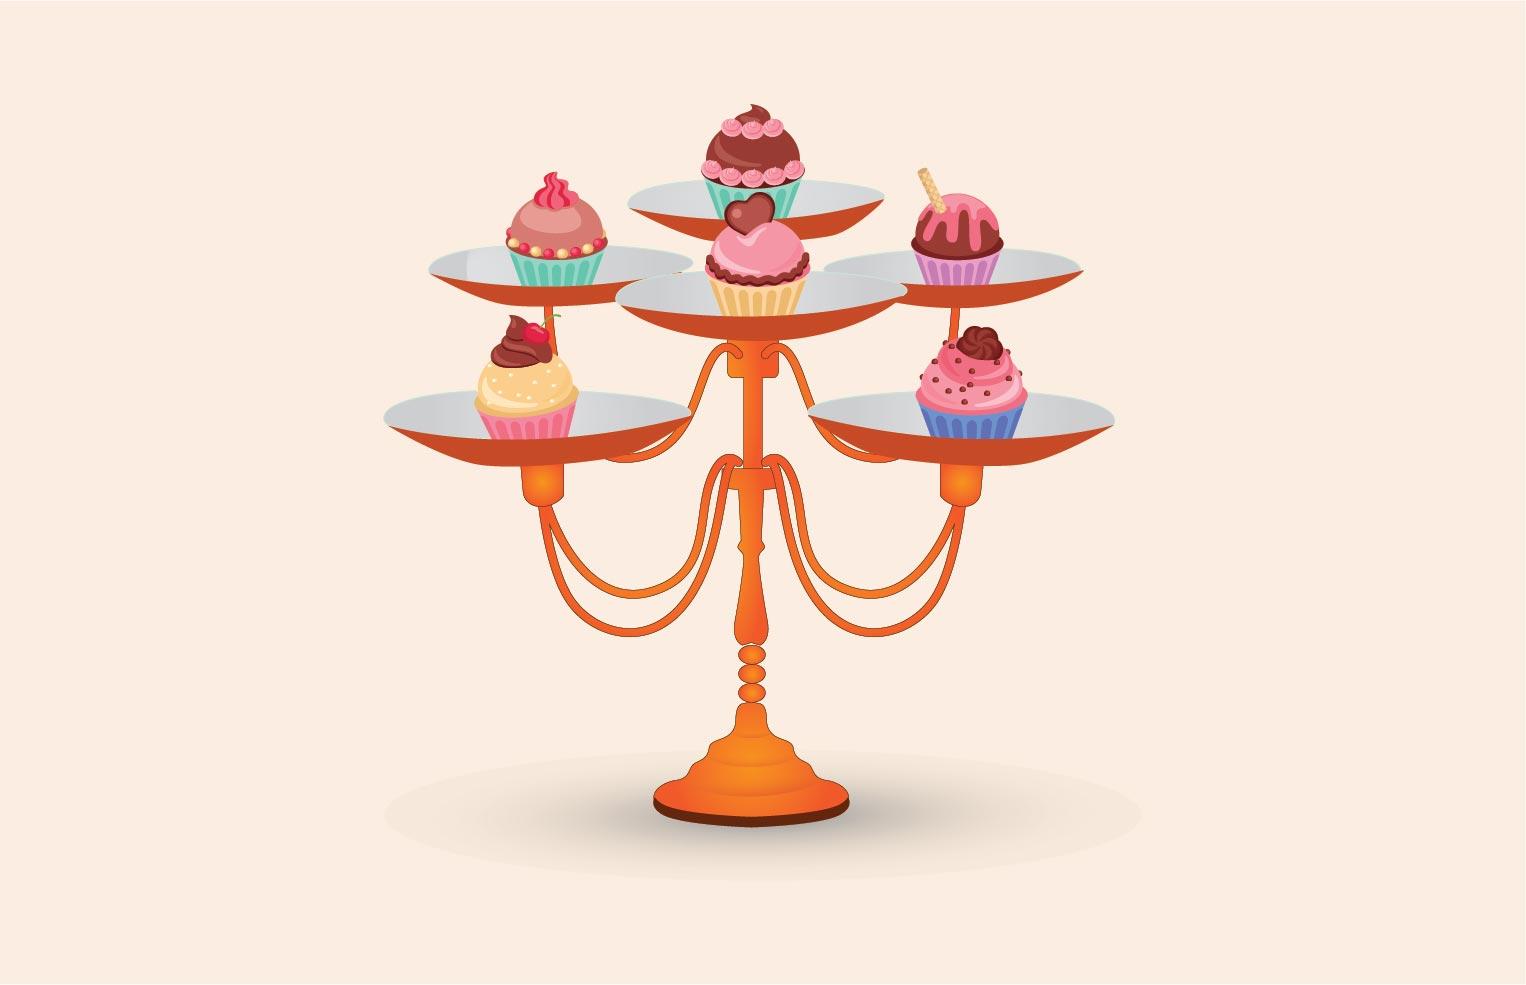 cupcake posters